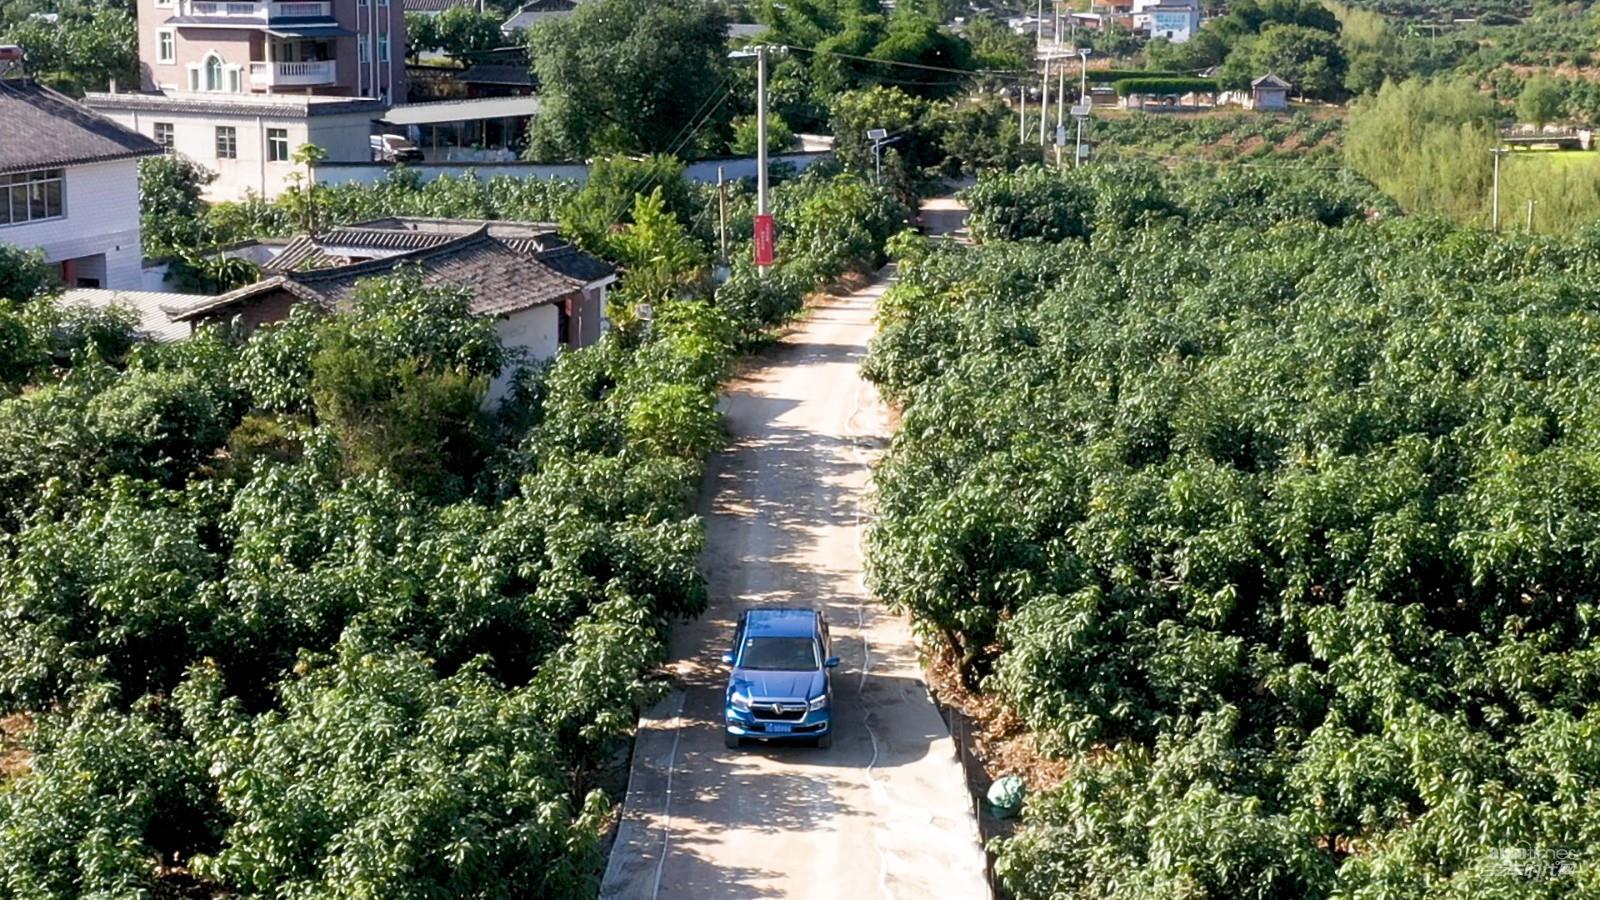 山间芒果的遥望,郑州日产皮卡村混撒拉的幸福之路